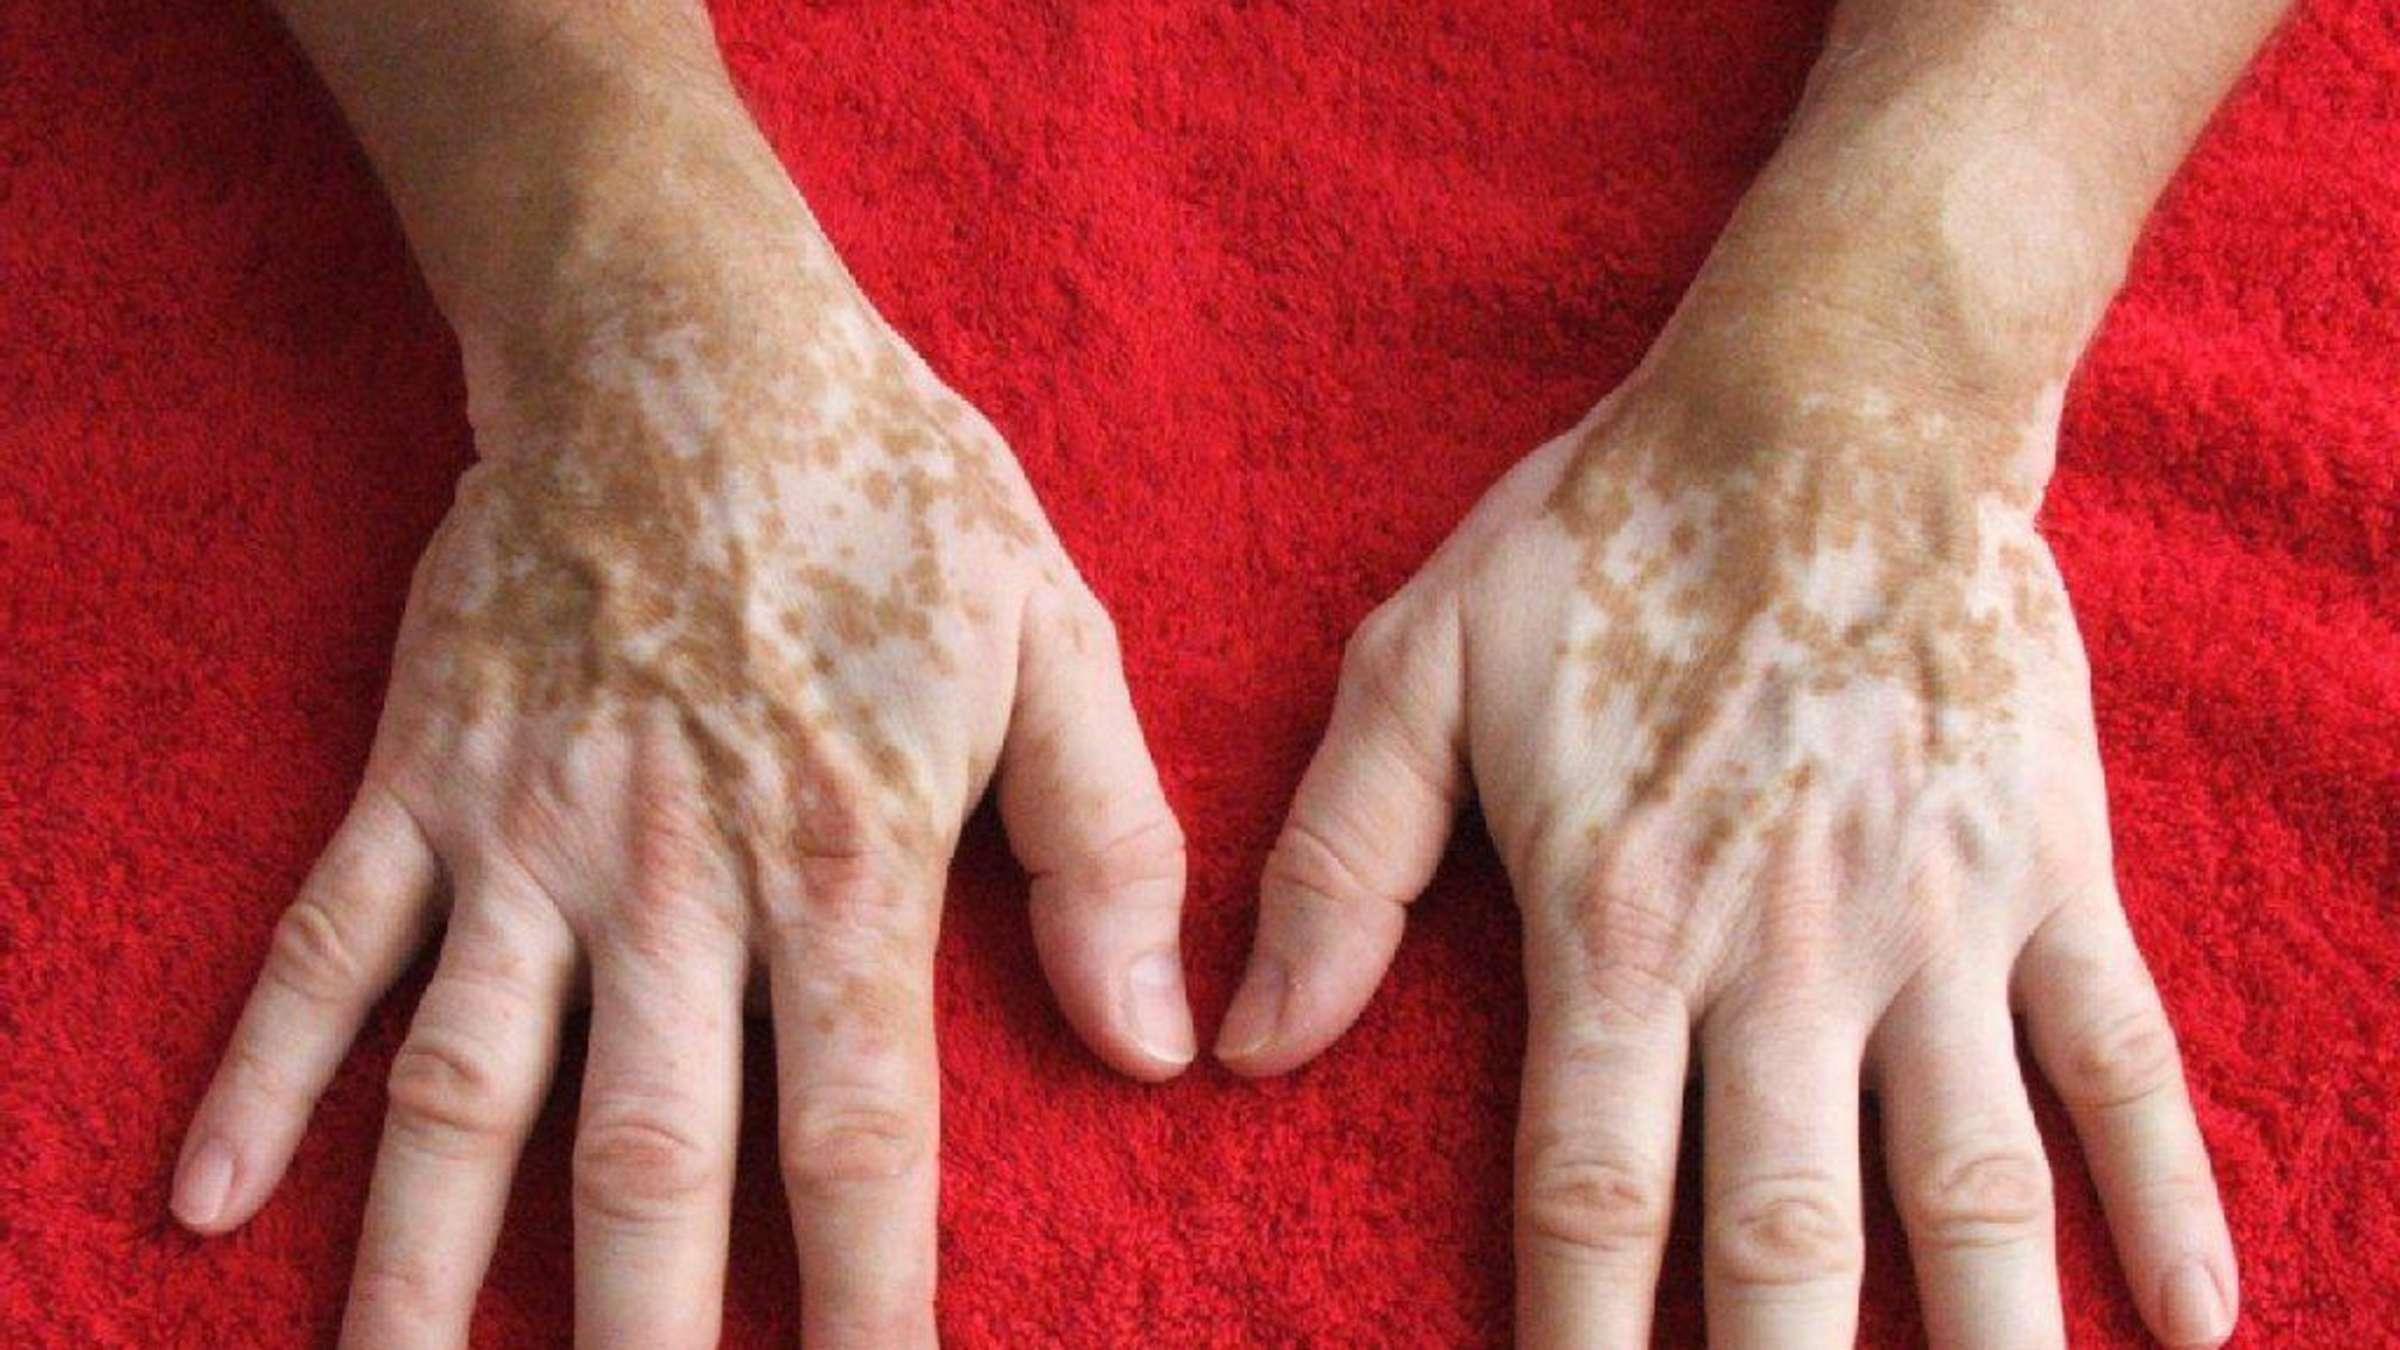 Haut punkte auf der kleine weiße ▷ Talgdrüsen